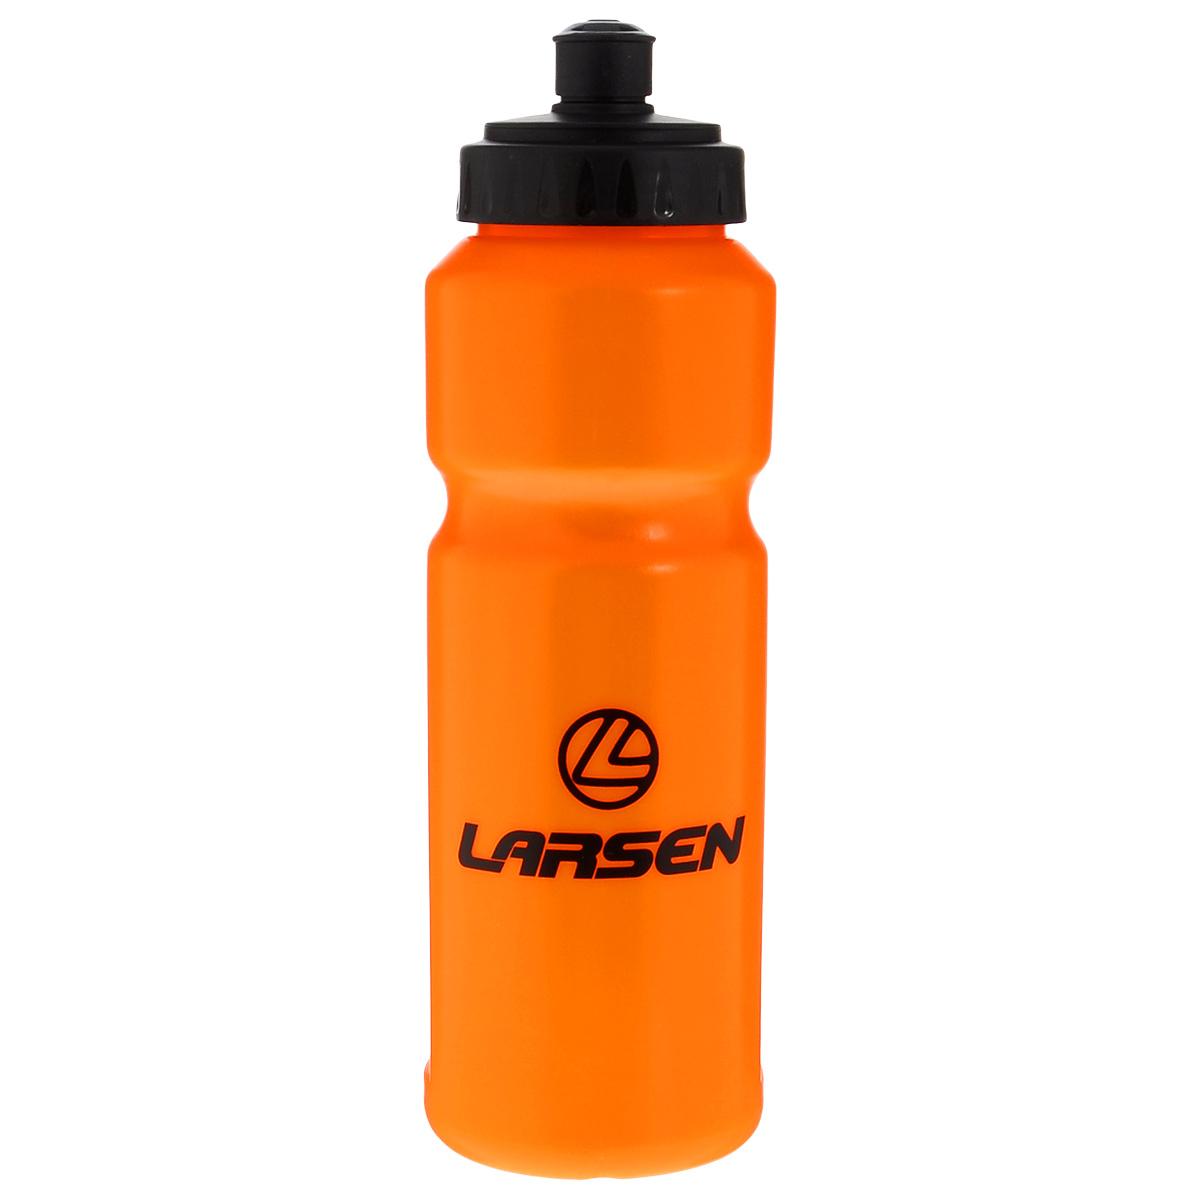 Бутылка для спорта Larsen, цвет: оранжевый, 600 млH23PE-600.02Бутылка для спорта Larsen выполнена из нетоксичного пластика и представляет собой практичное решение для переноса воды или энергетических напитков во время длительных пробежек. Бутылка оснащена герметичным клапаном, не дающим воде пролиться. Можно брать с собой на велосипедные поездки.